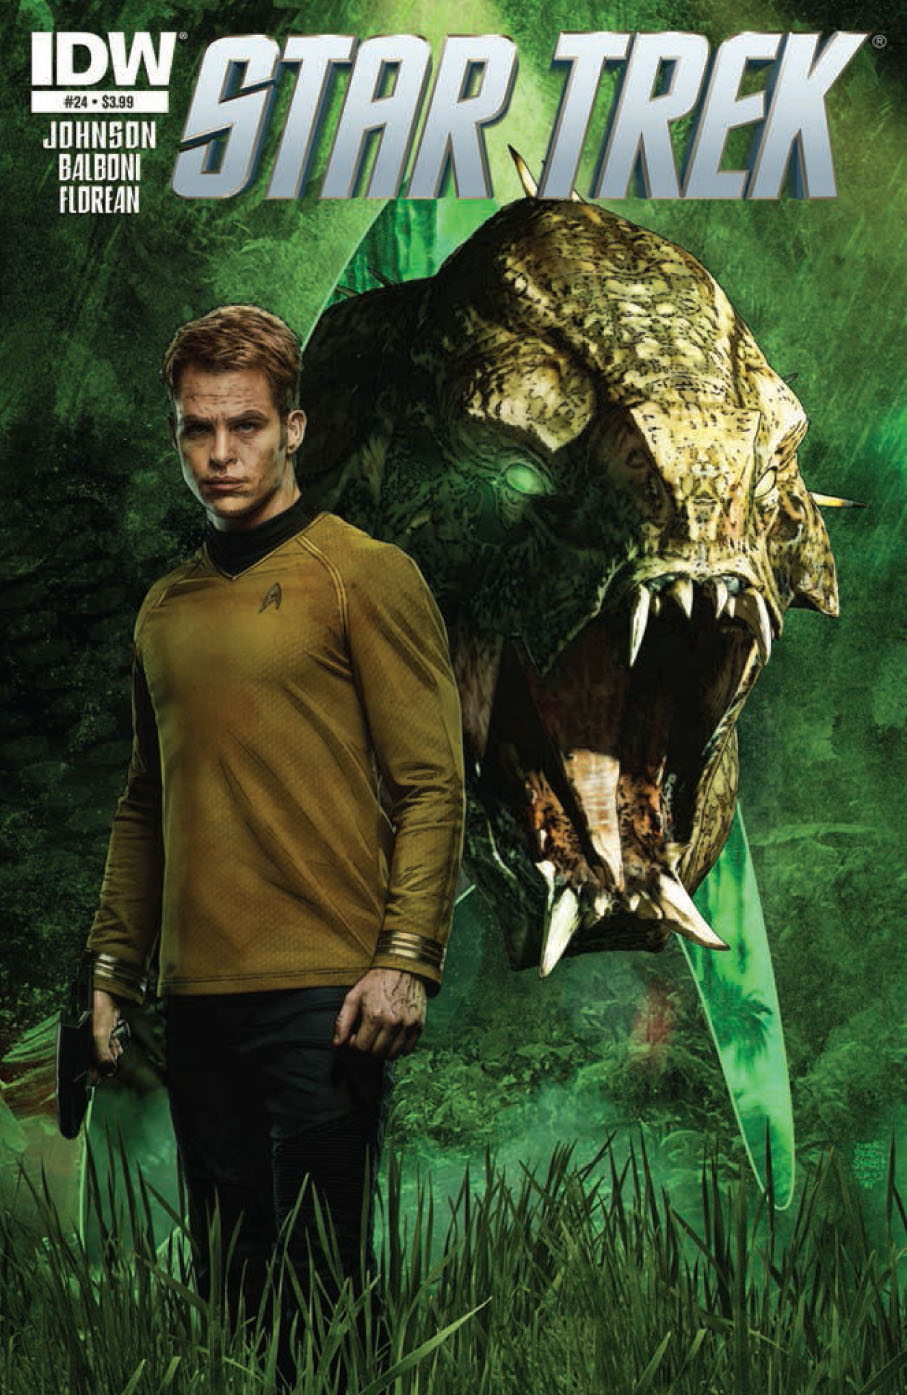 IDW Star Trek, Issue 24